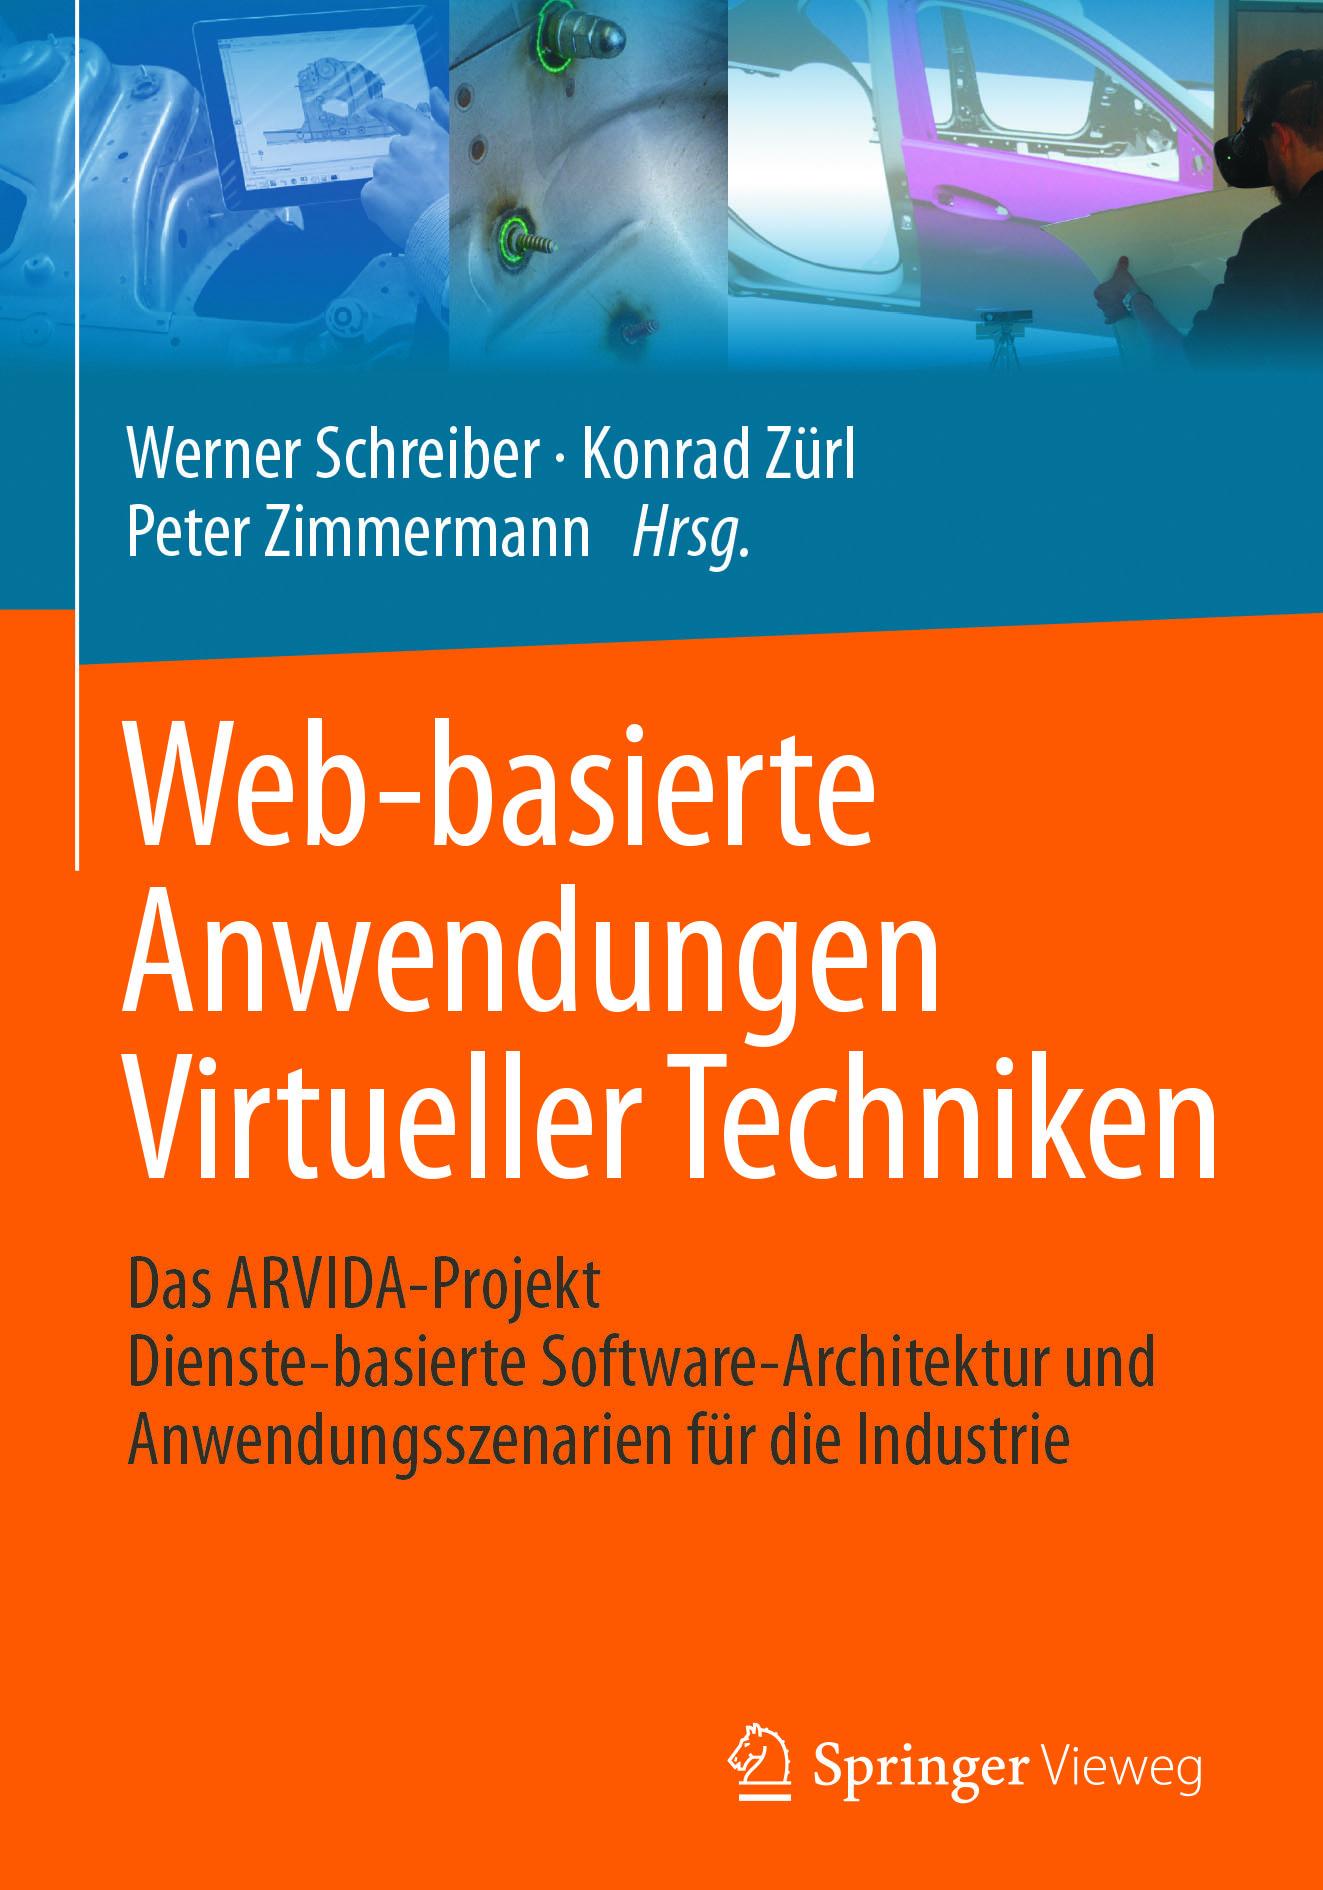 Schreiber, Werner - Web-basierte Anwendungen Virtueller Techniken, ebook